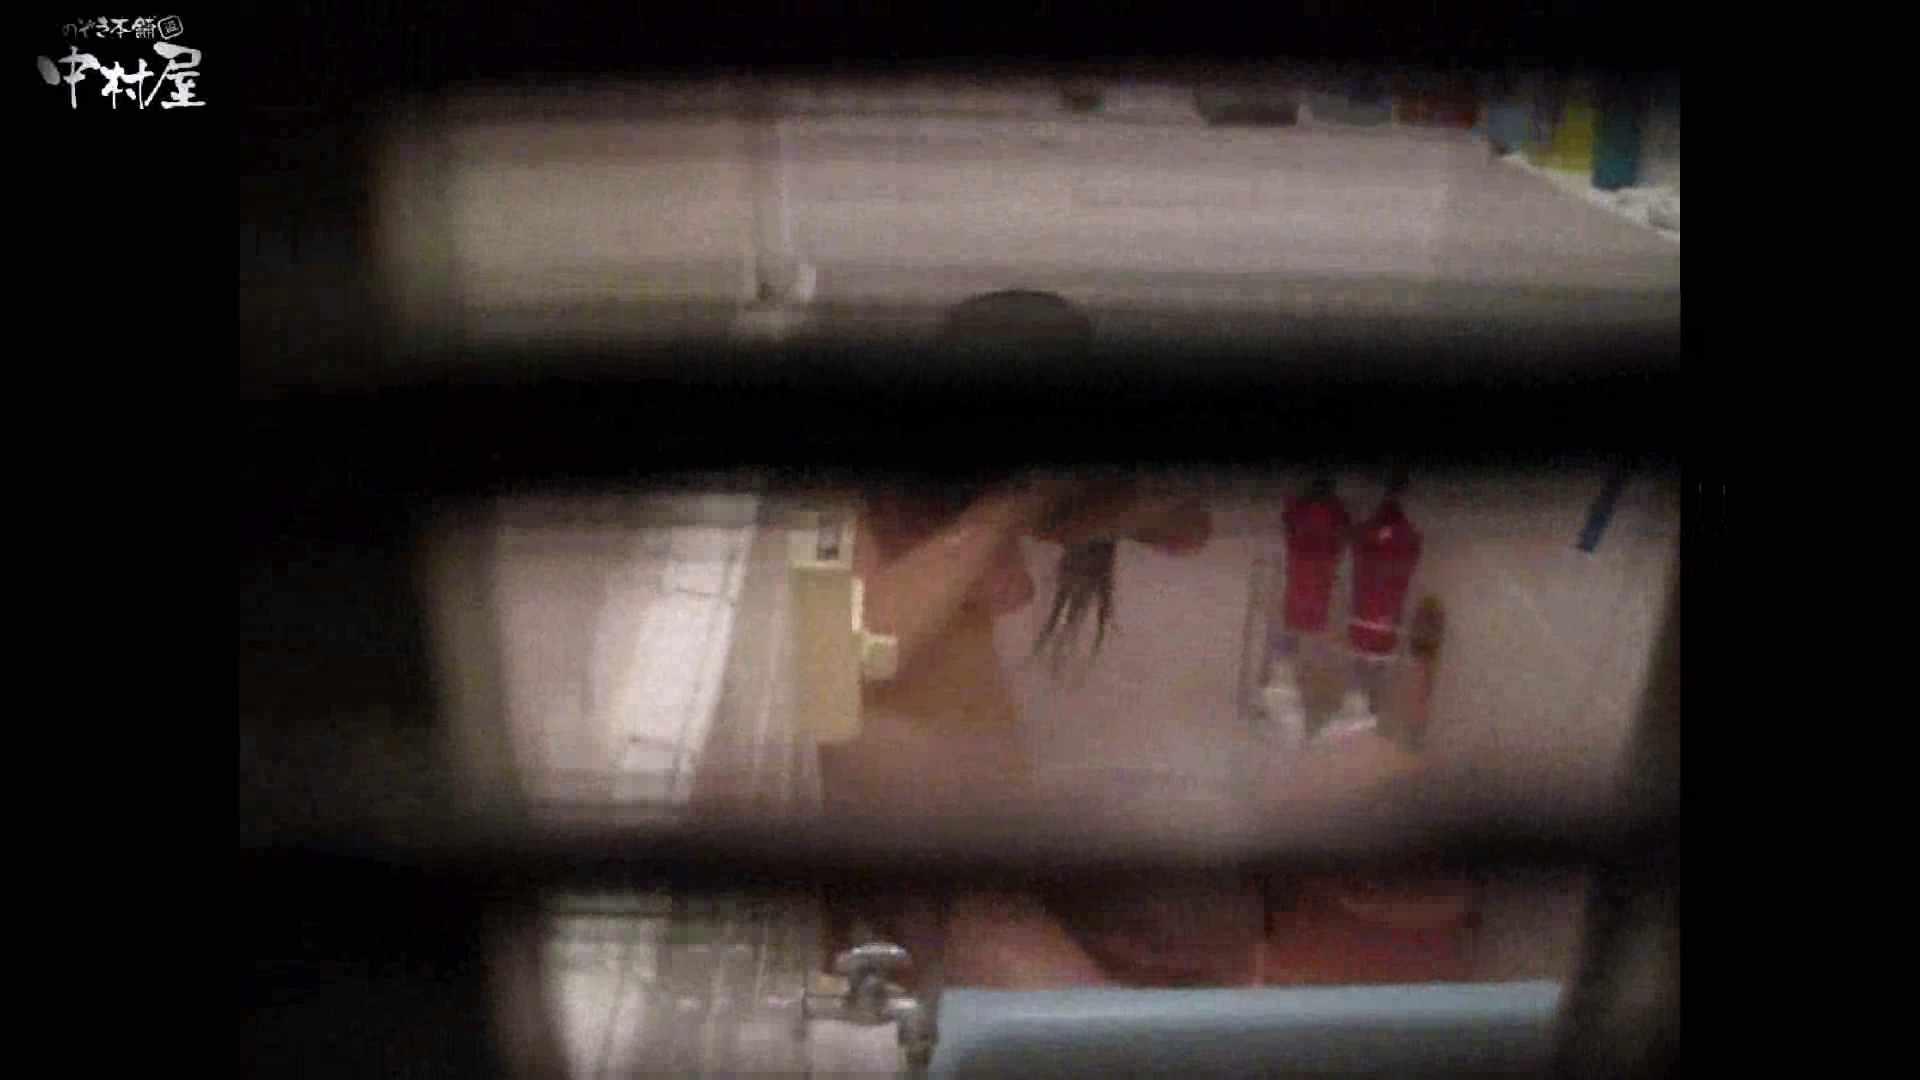 民家風呂専門盗撮師の超危険映像 vol.017 民家 オマンコ無修正動画無料 69連発 65